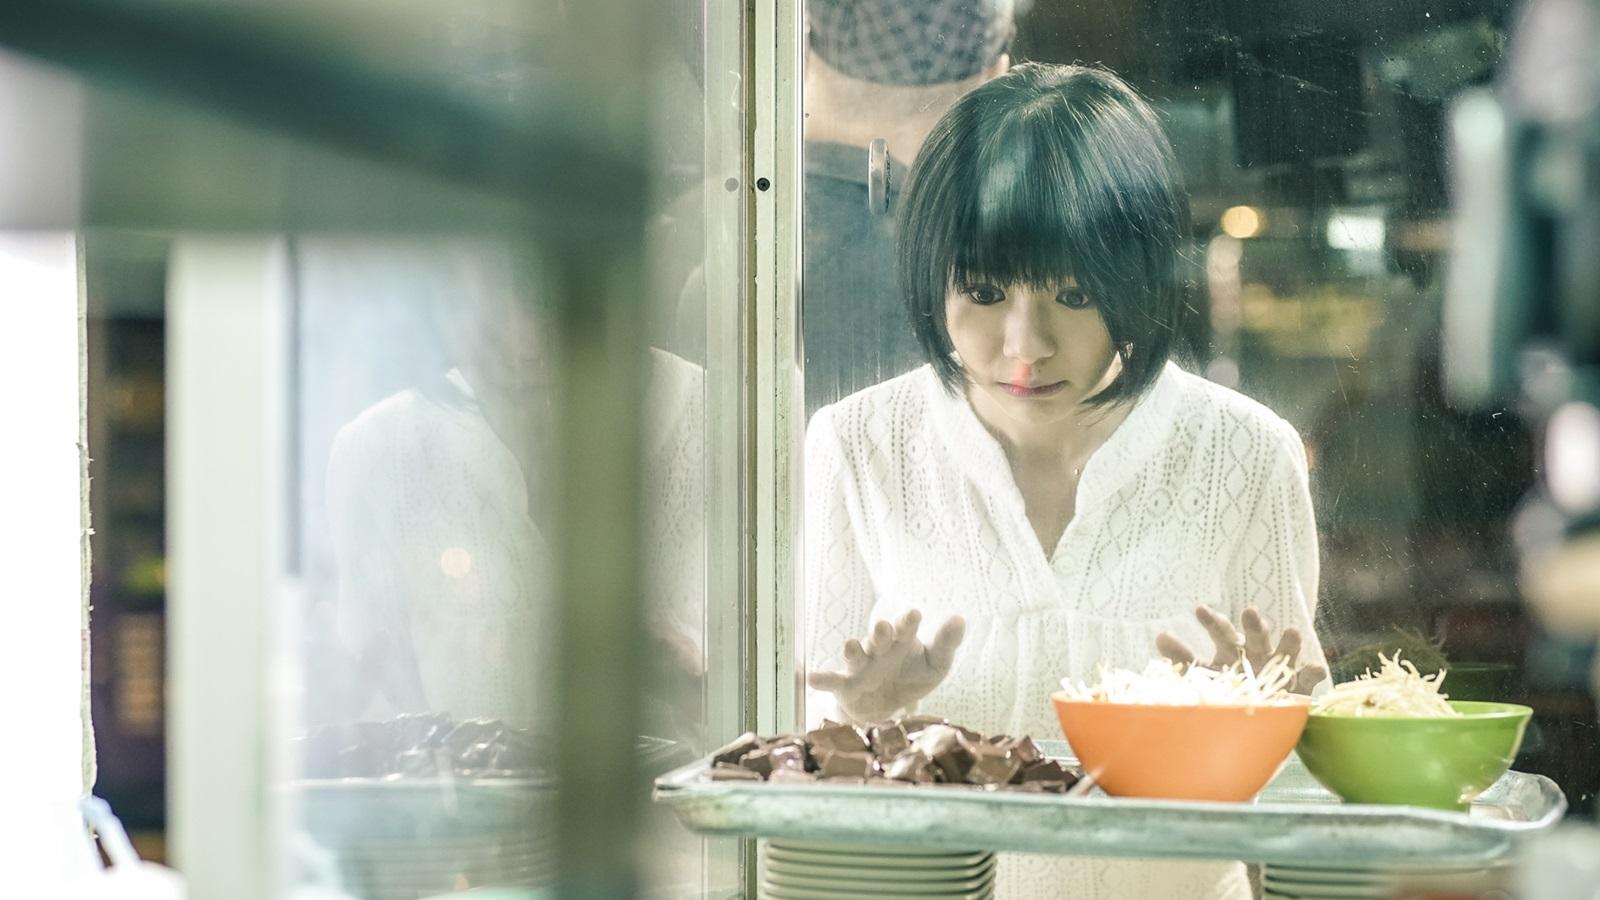 林明禎飾演女殭屍無法說話 只以表情動作來演出